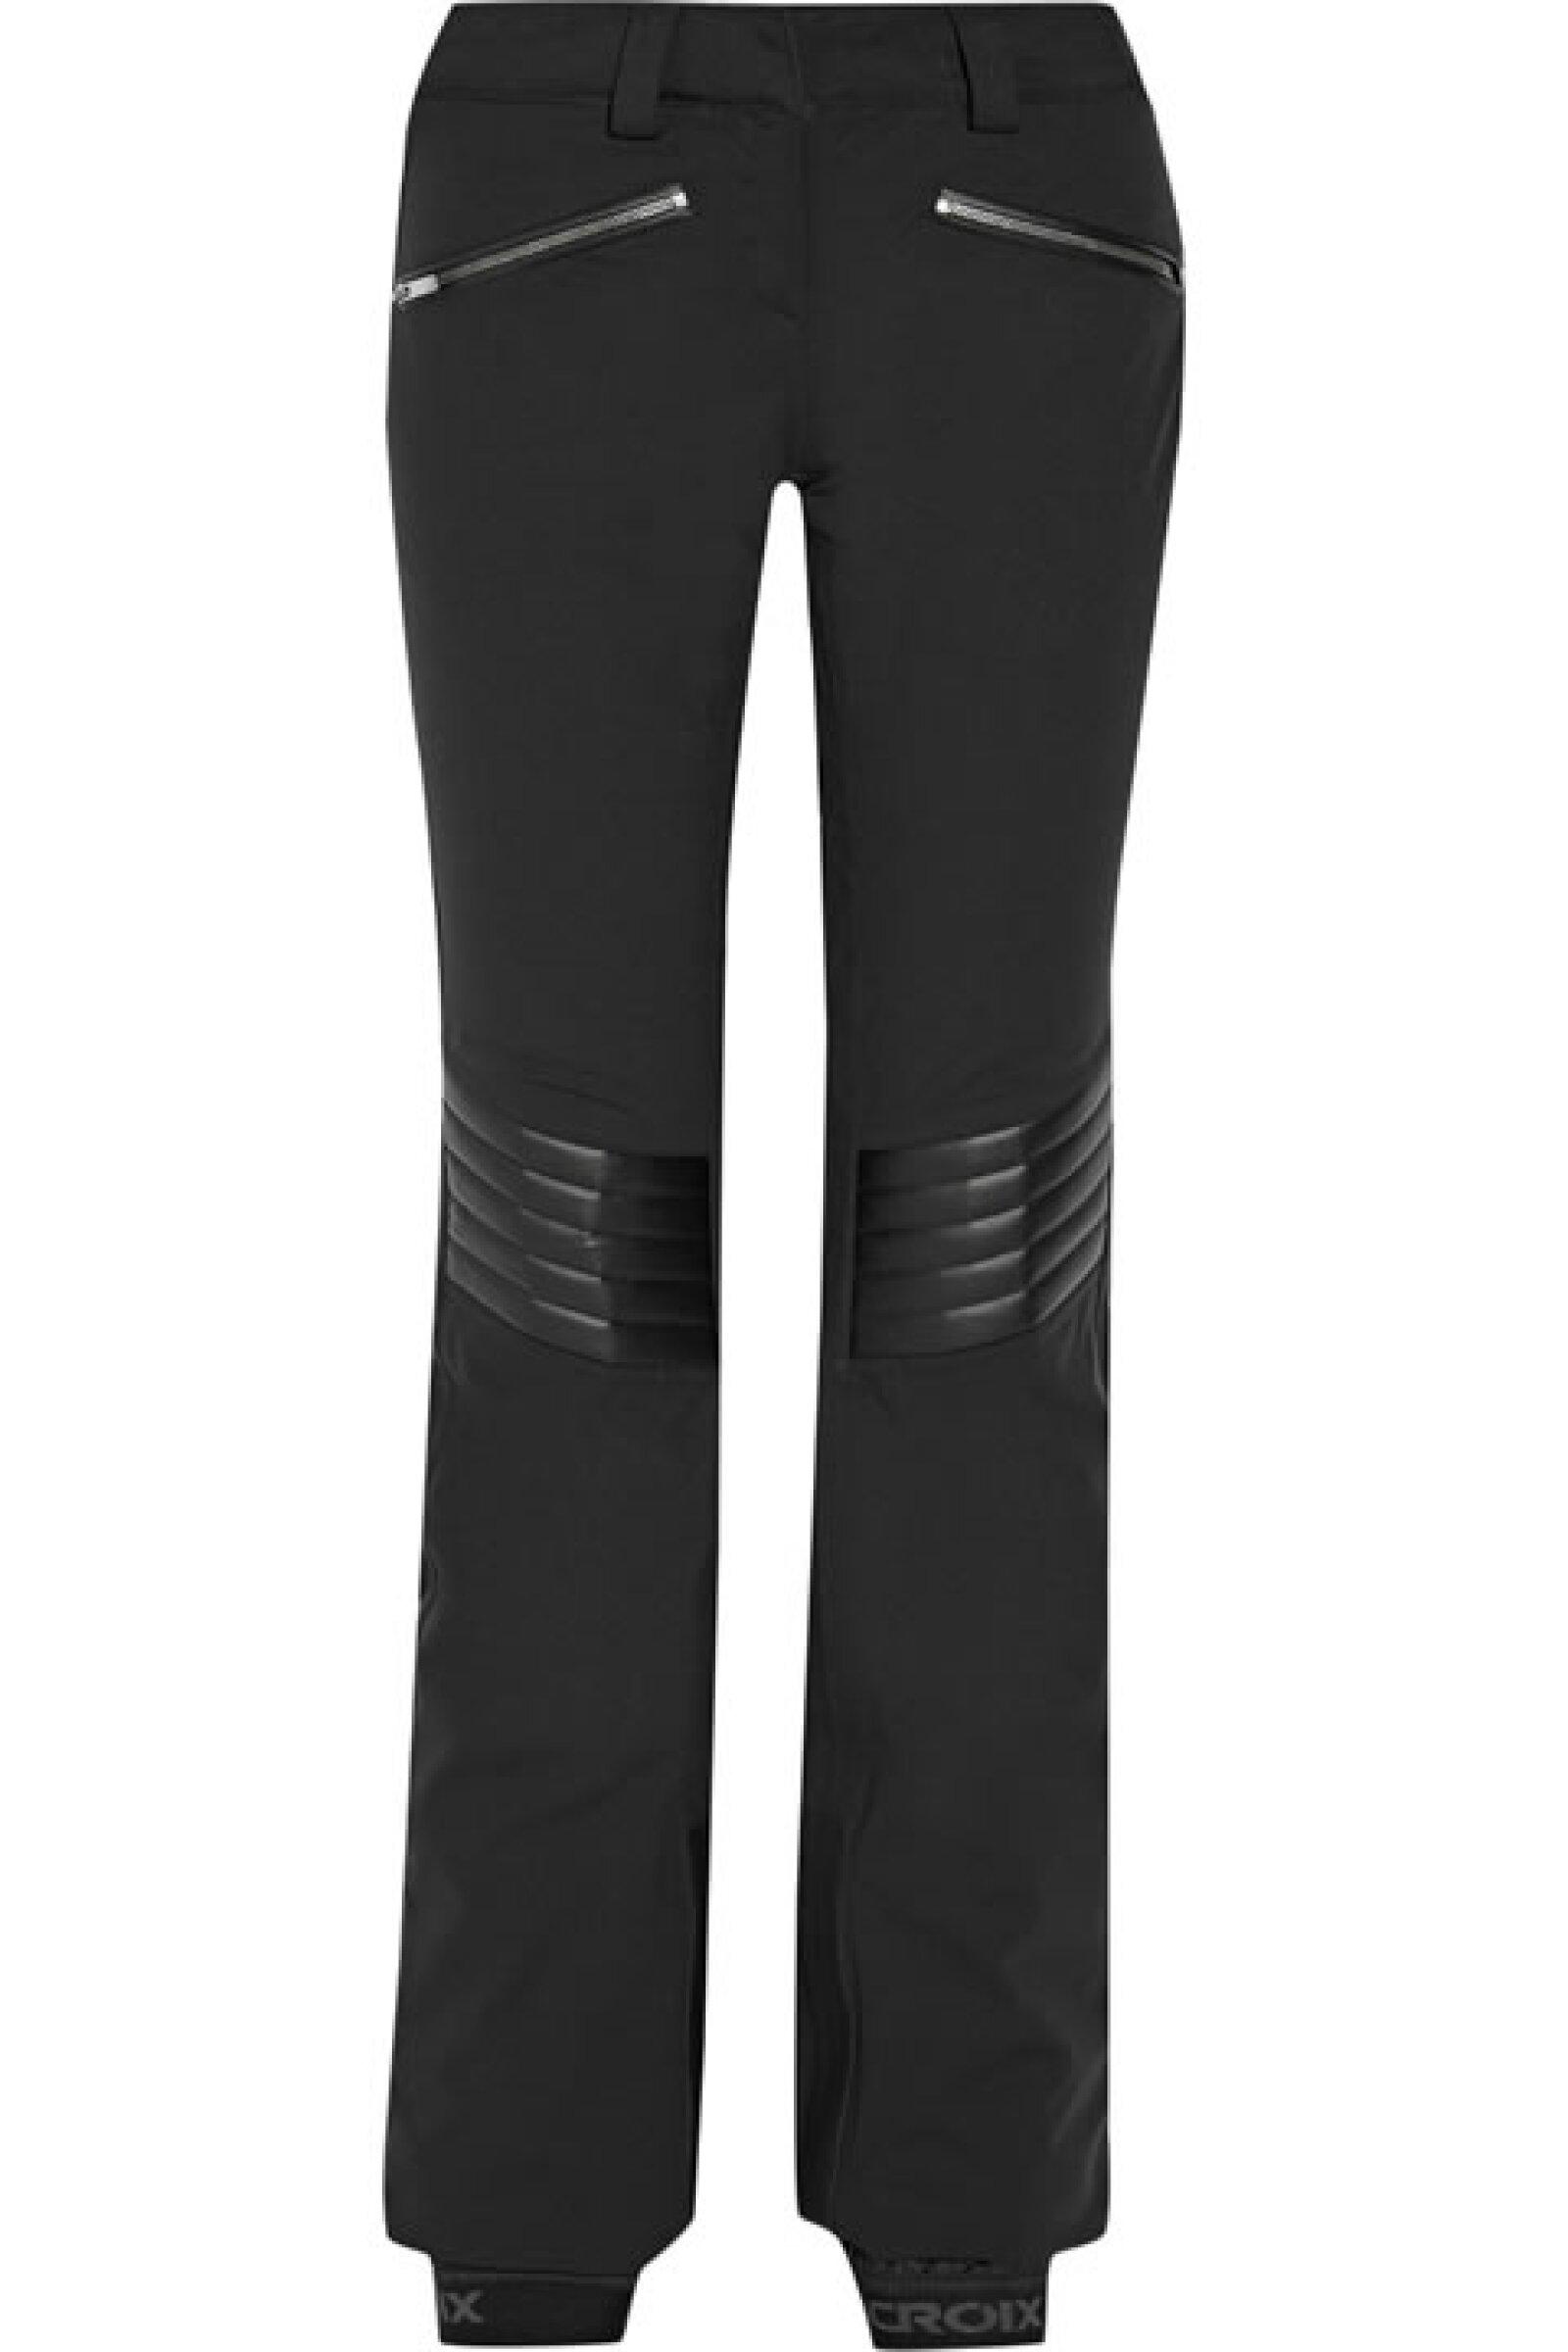 Querrás unos pantalones al que no se permeé el agua. Confía en estos stretch de Lacroix.